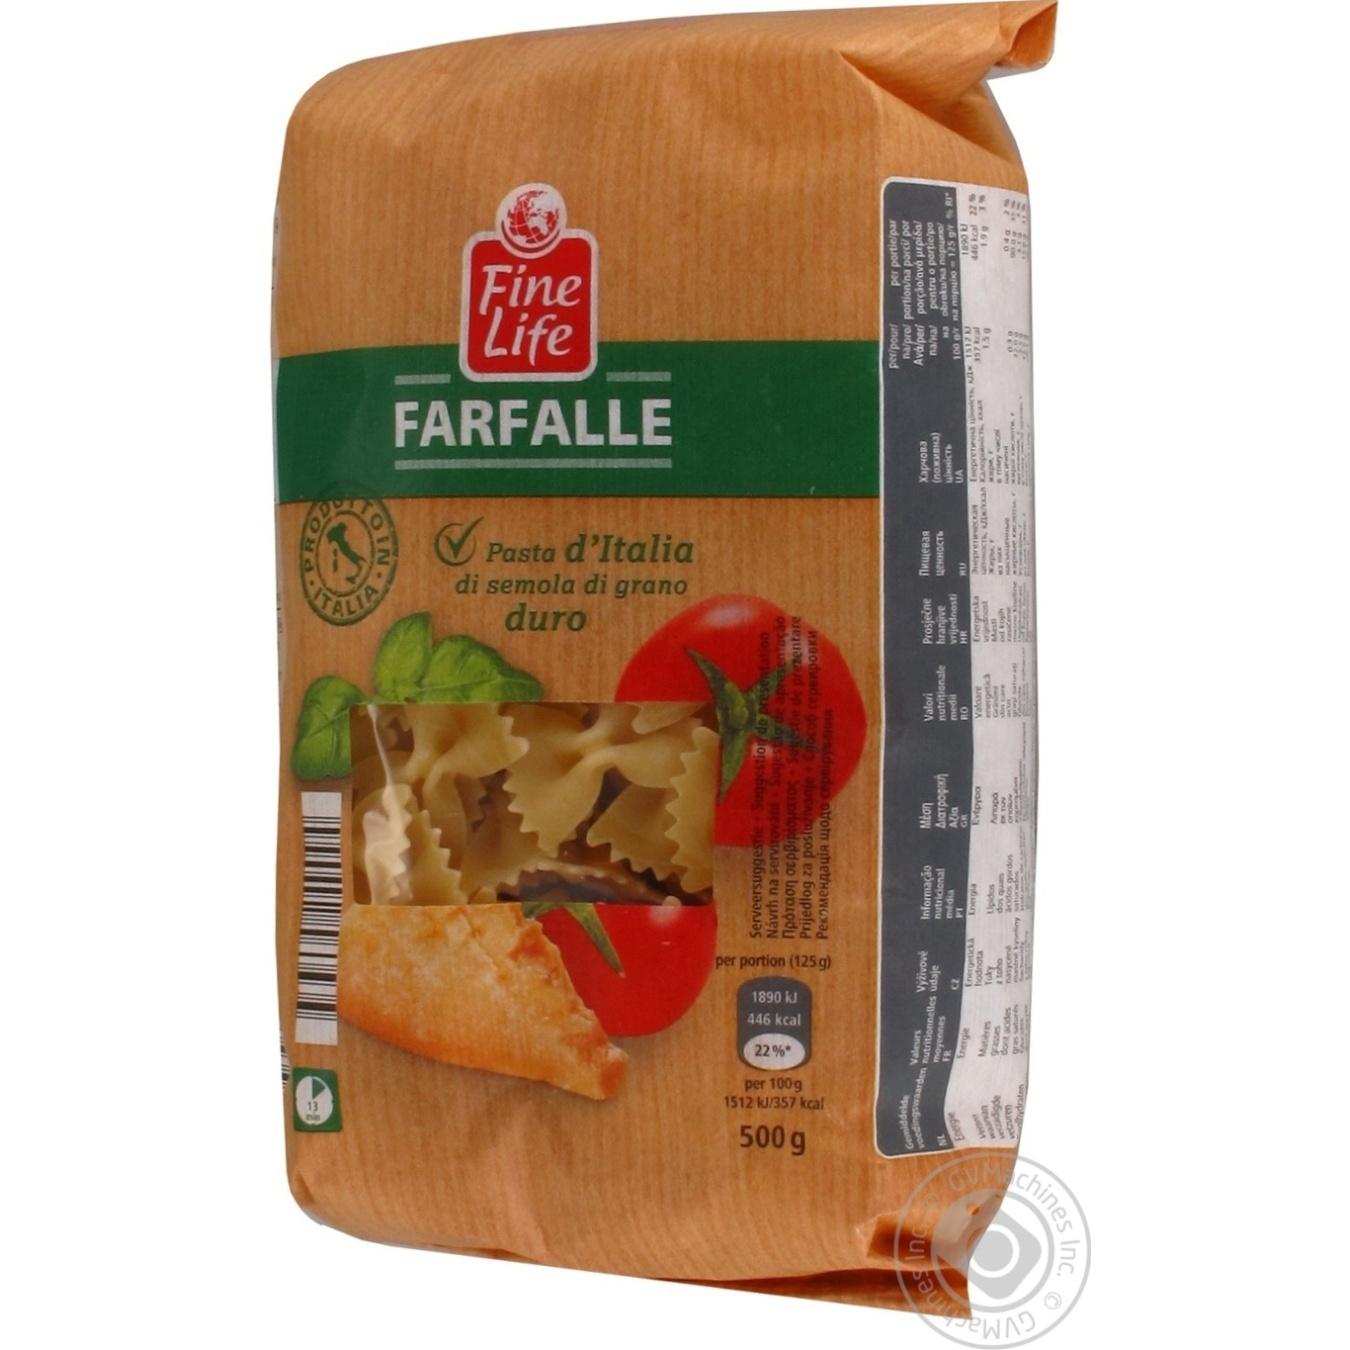 Купить Фарфалле Fine Life из твердых сортов пшеницы 500г